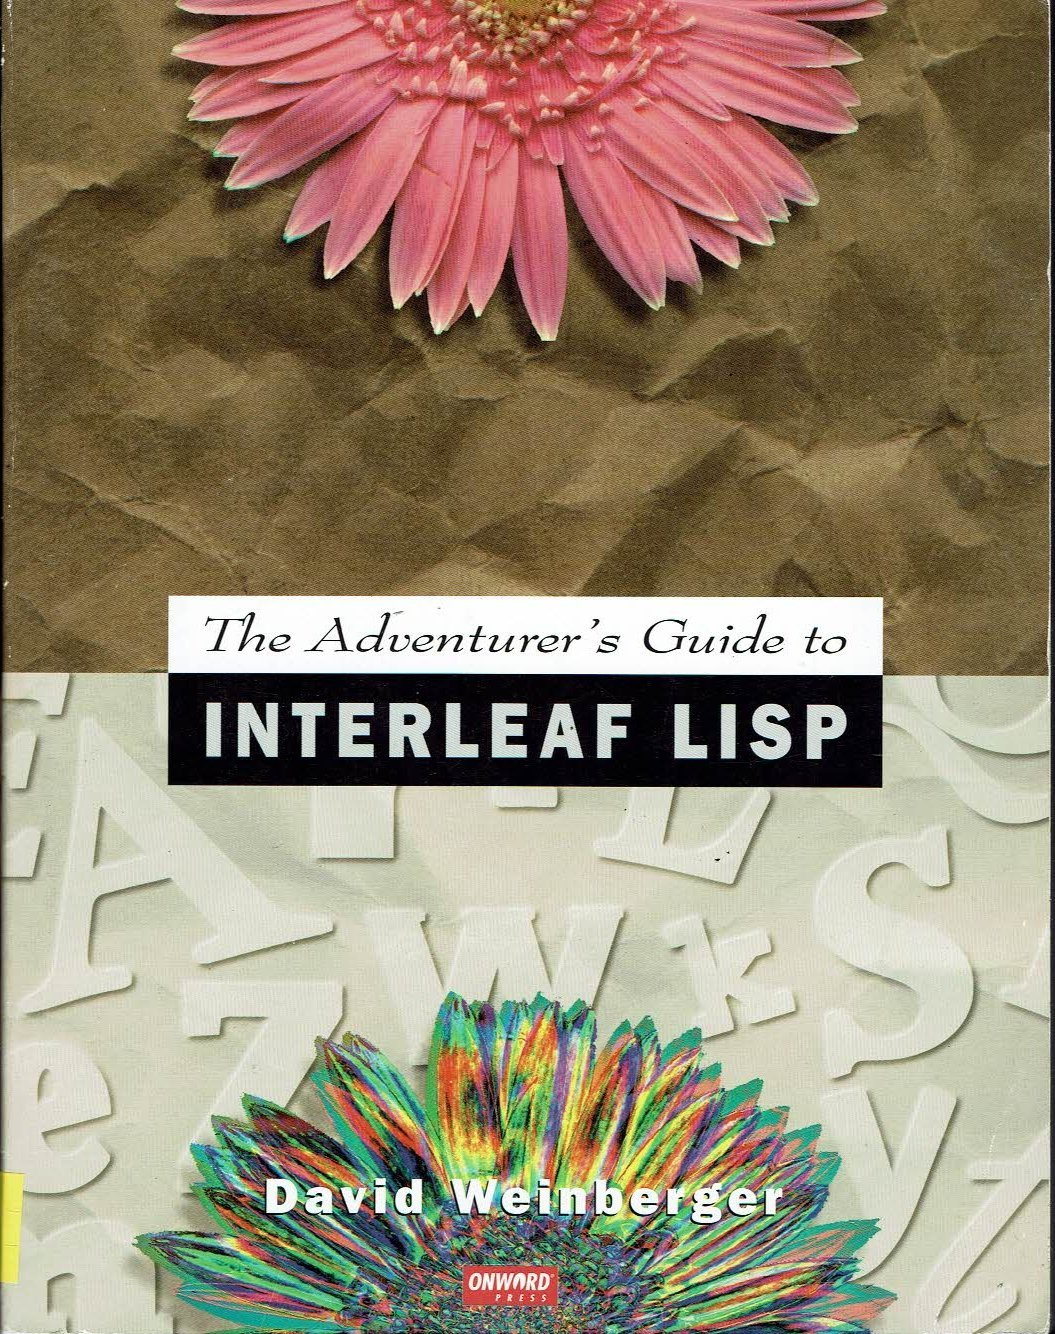 Adventurer's Guide to Interleaf Lisp